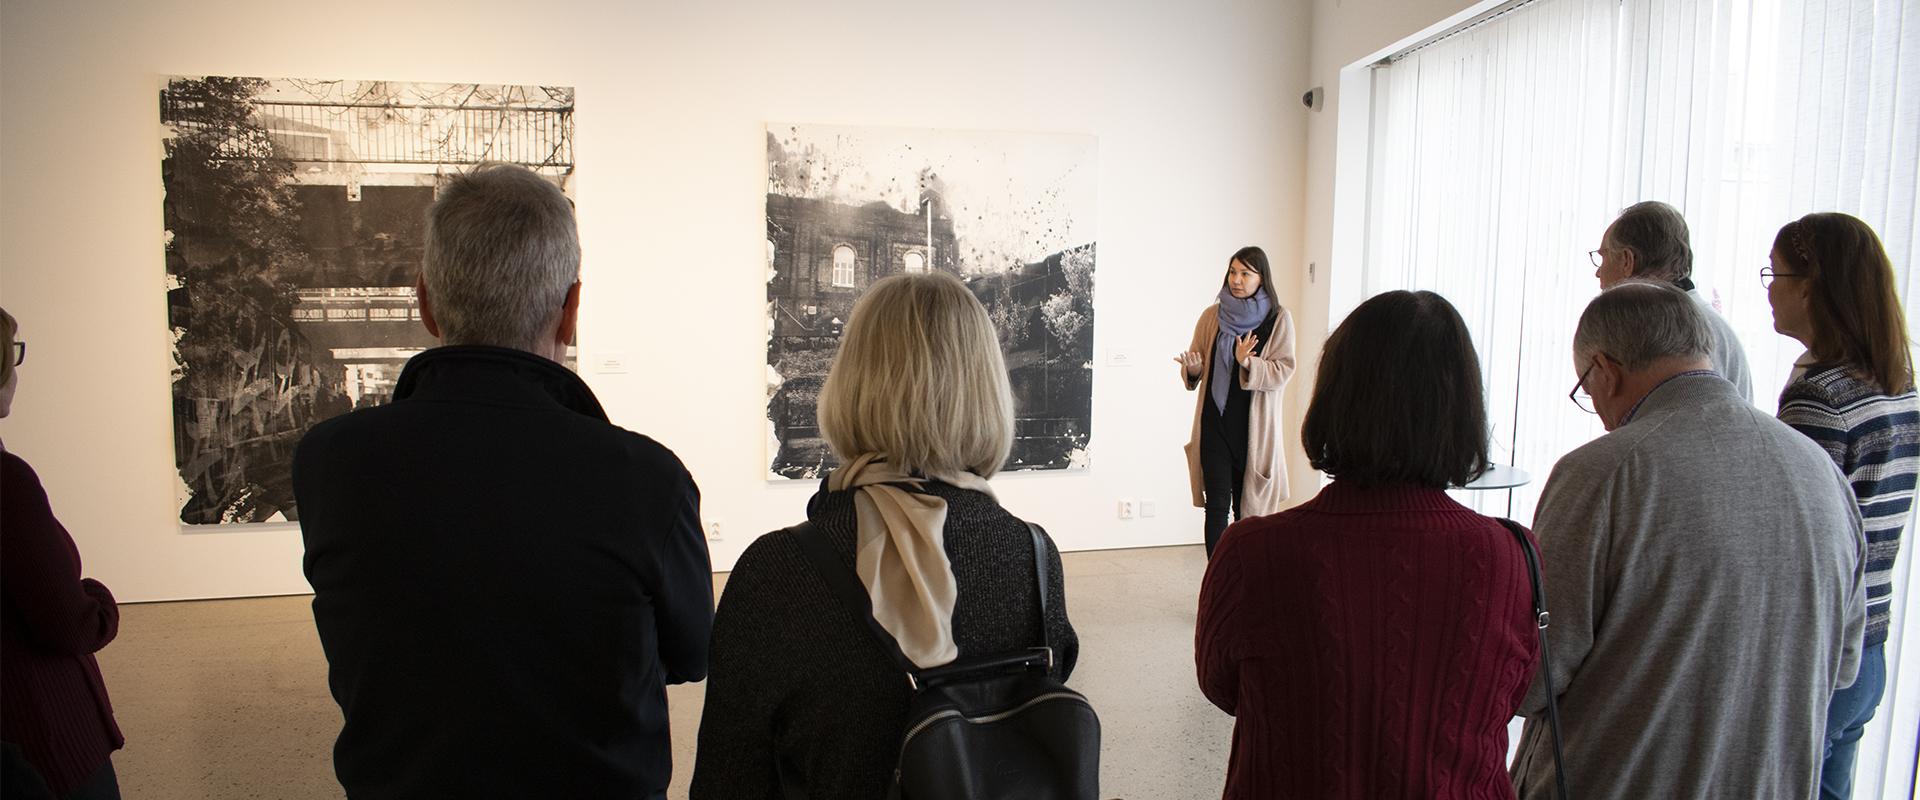 Museolehtori opastaa Jussi TwoSevenin näyttelyä All Is One Kimmo Pyykkö -taidemuseossa.